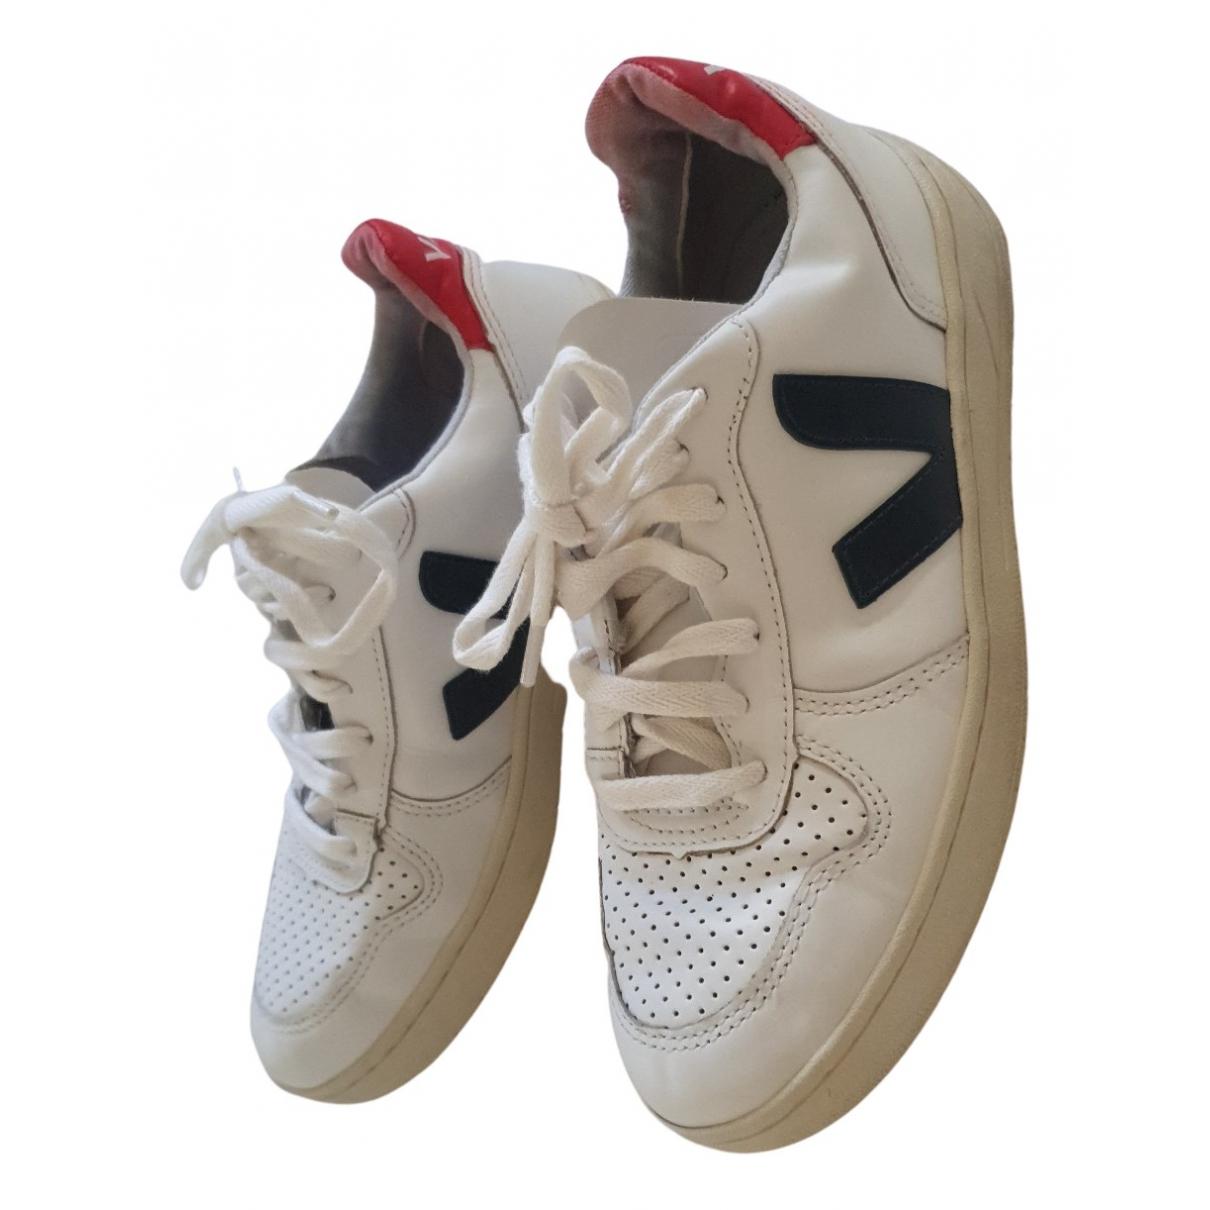 Veja - Baskets   pour femme en cuir - blanc